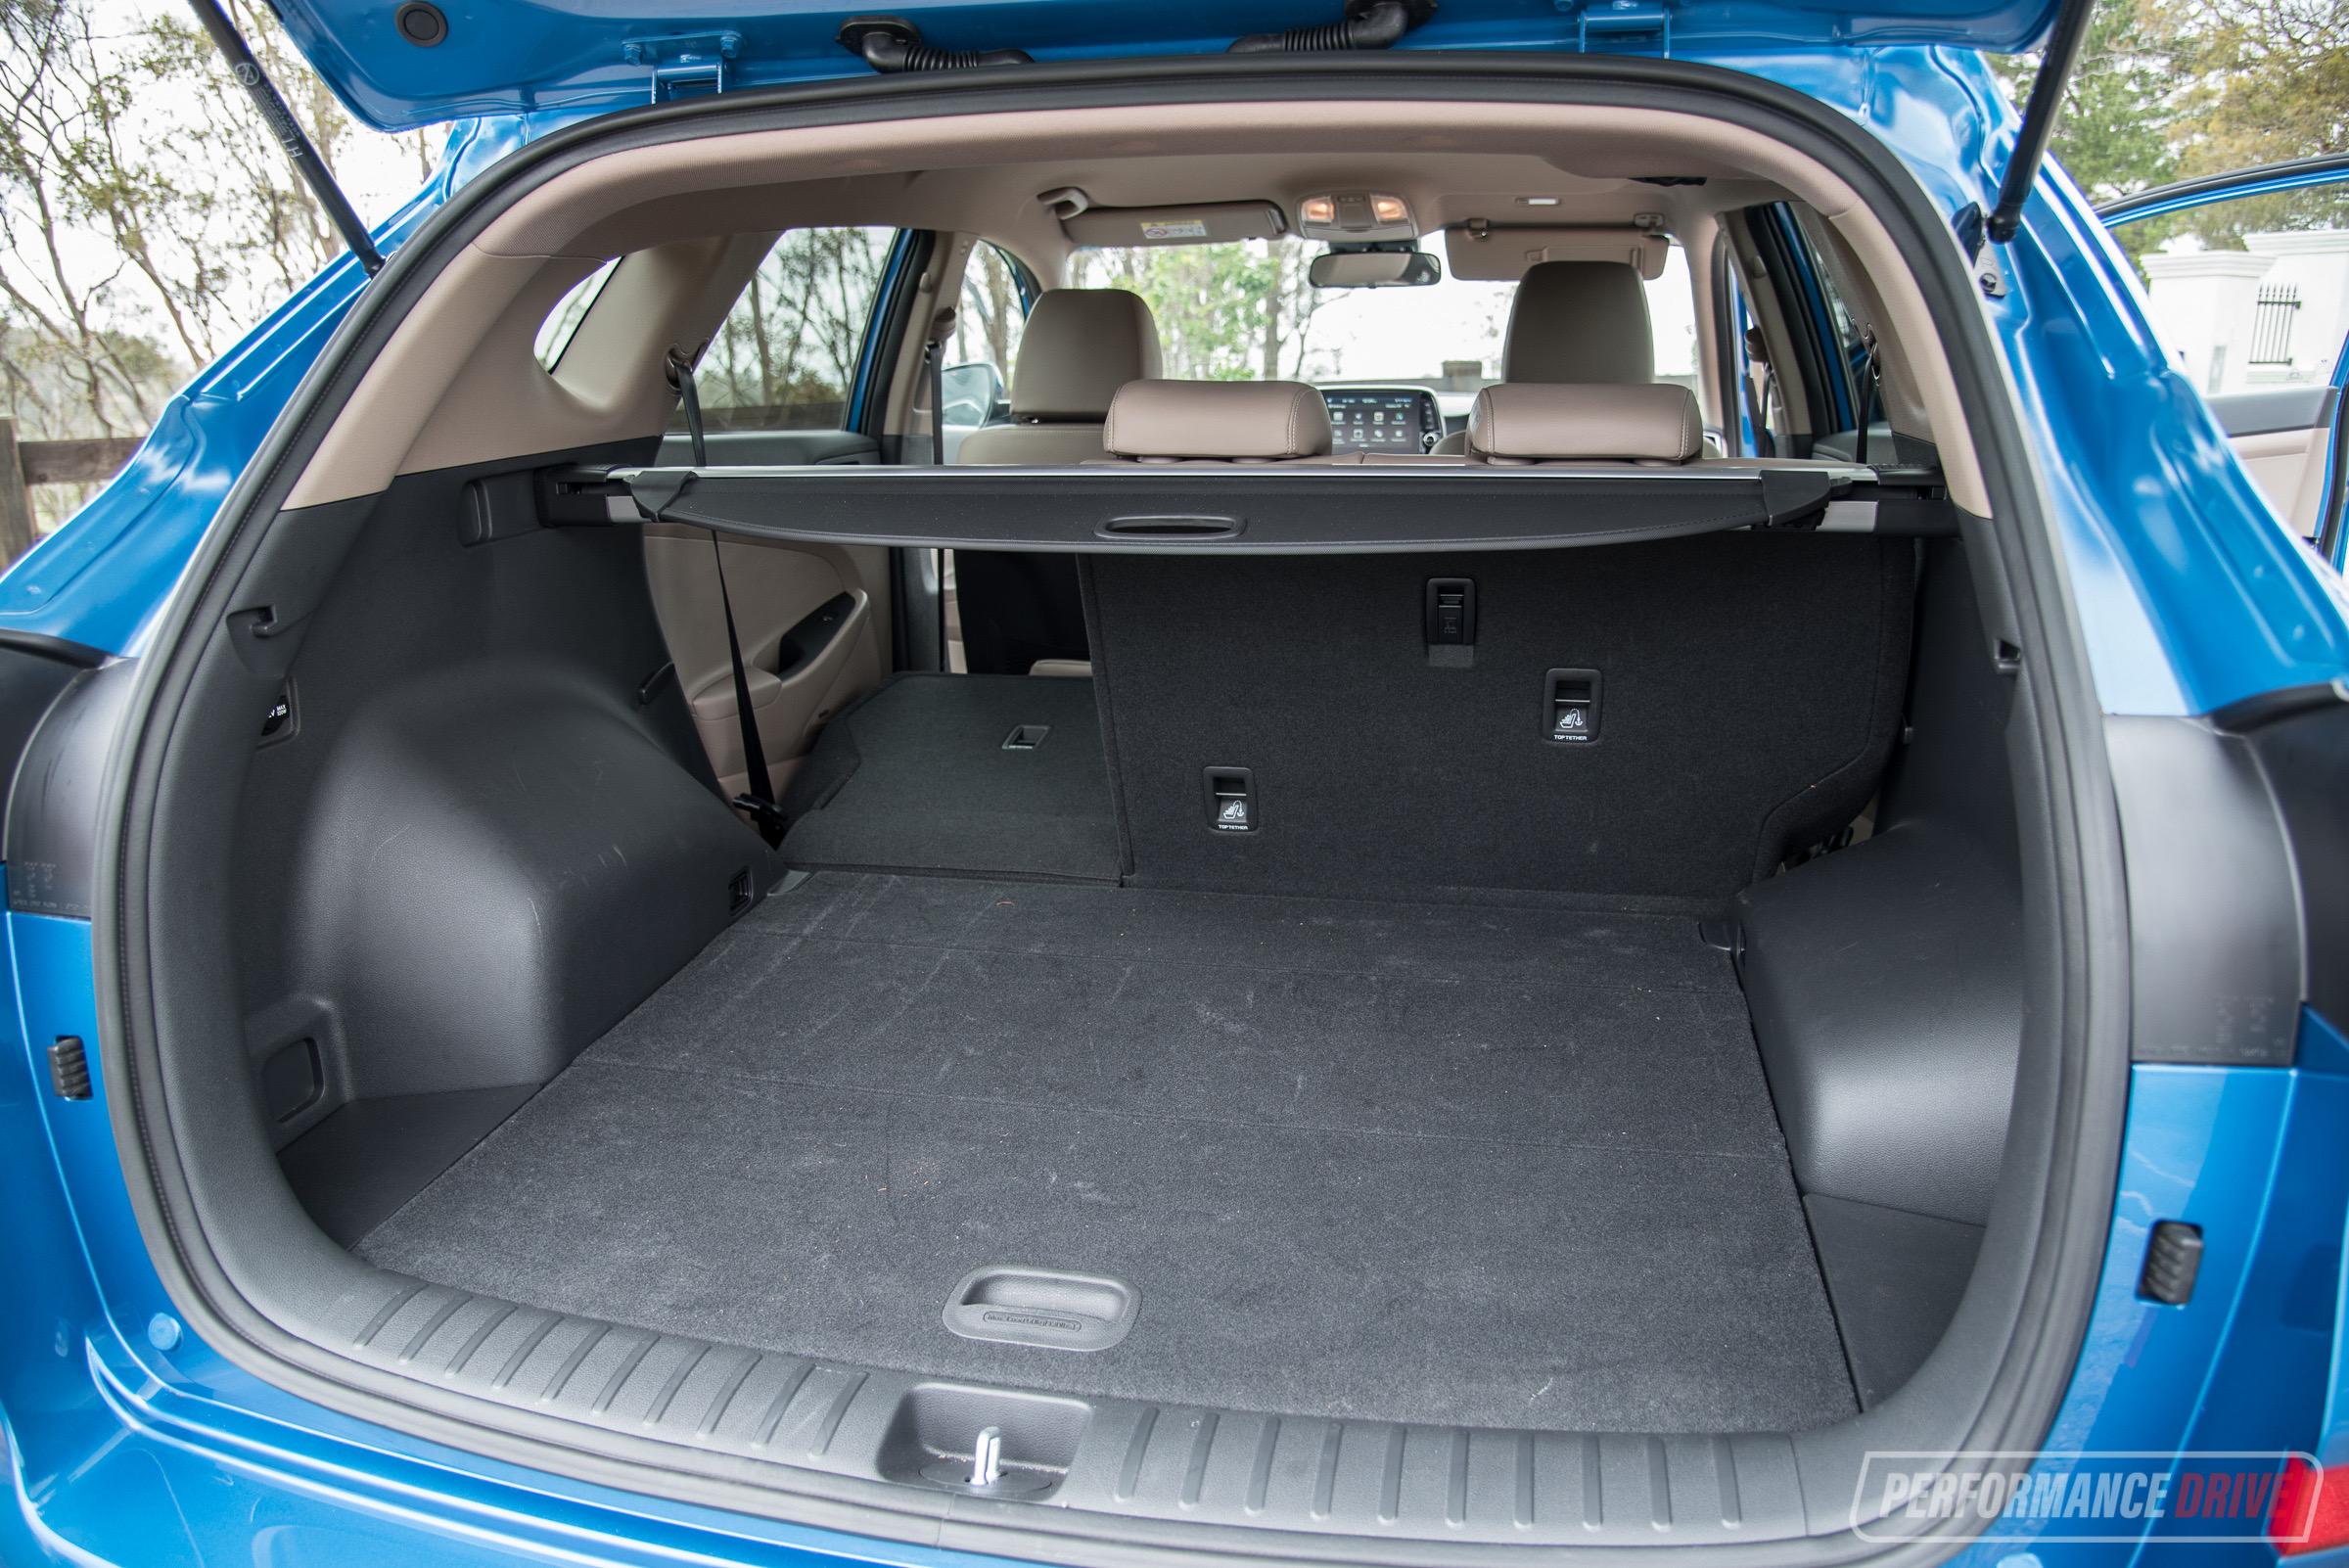 2019 Hyundai Tucson Elite review – 2 0 GDi & 2 0 CRDi (video